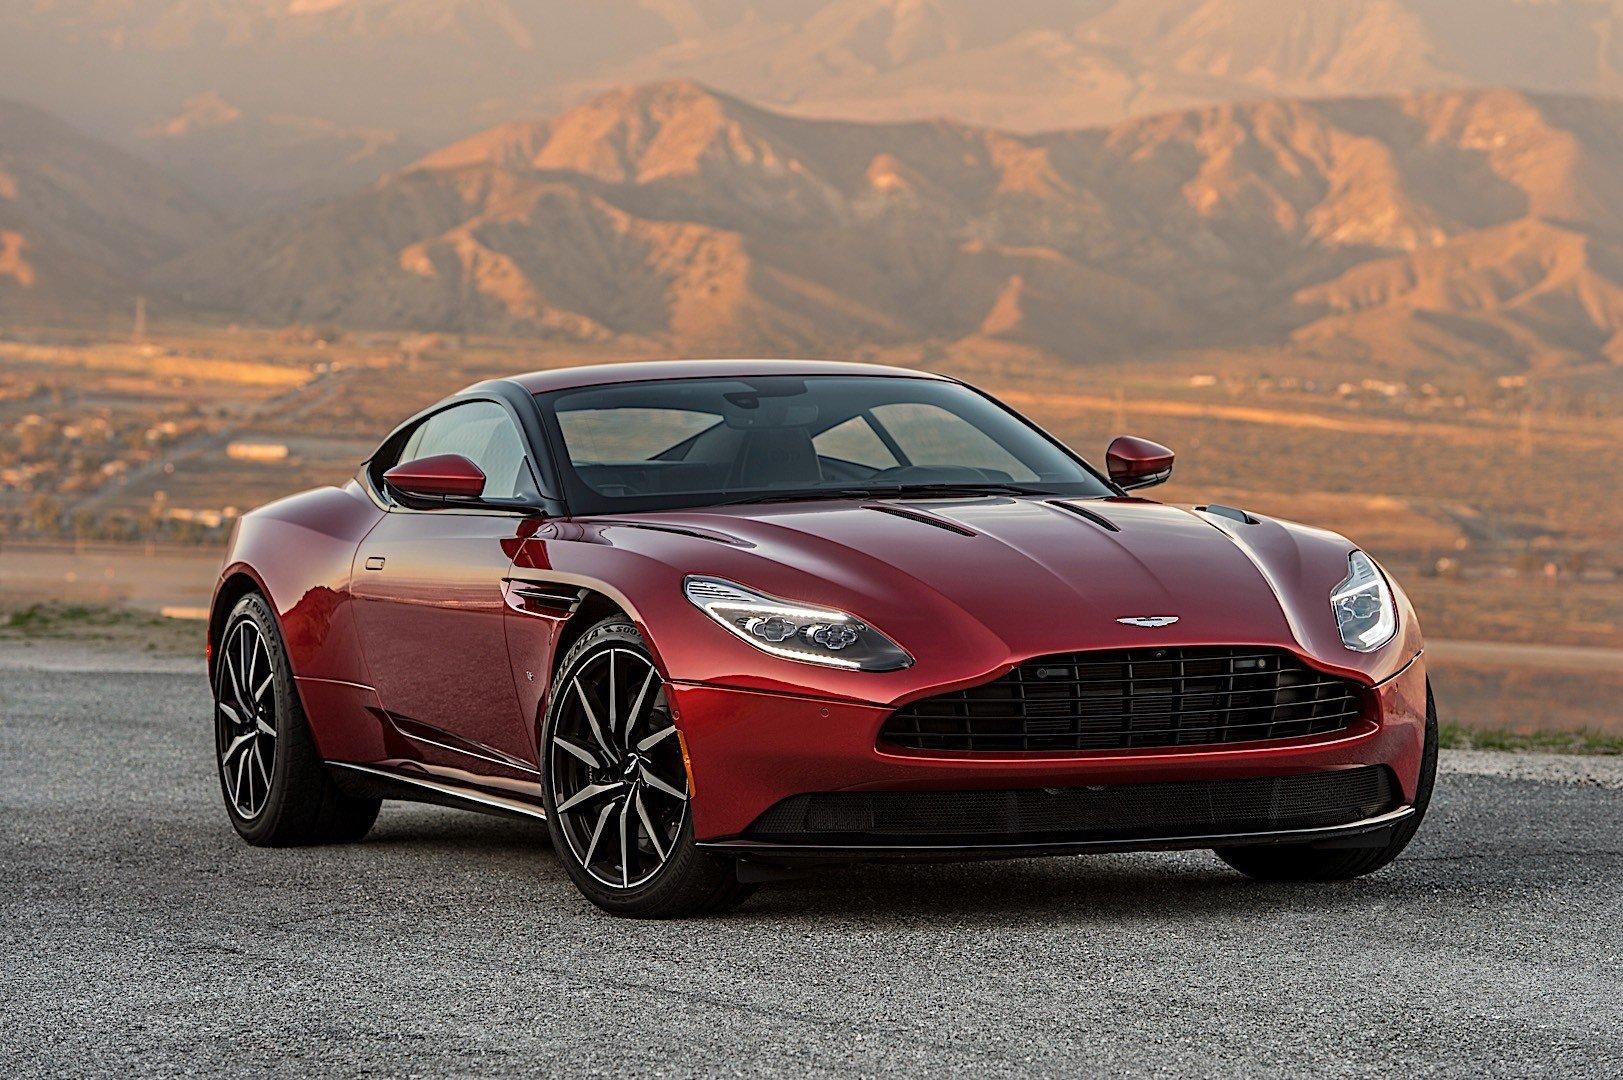 Aston Martin не собирается объединятся с другими автомобильными компаниями